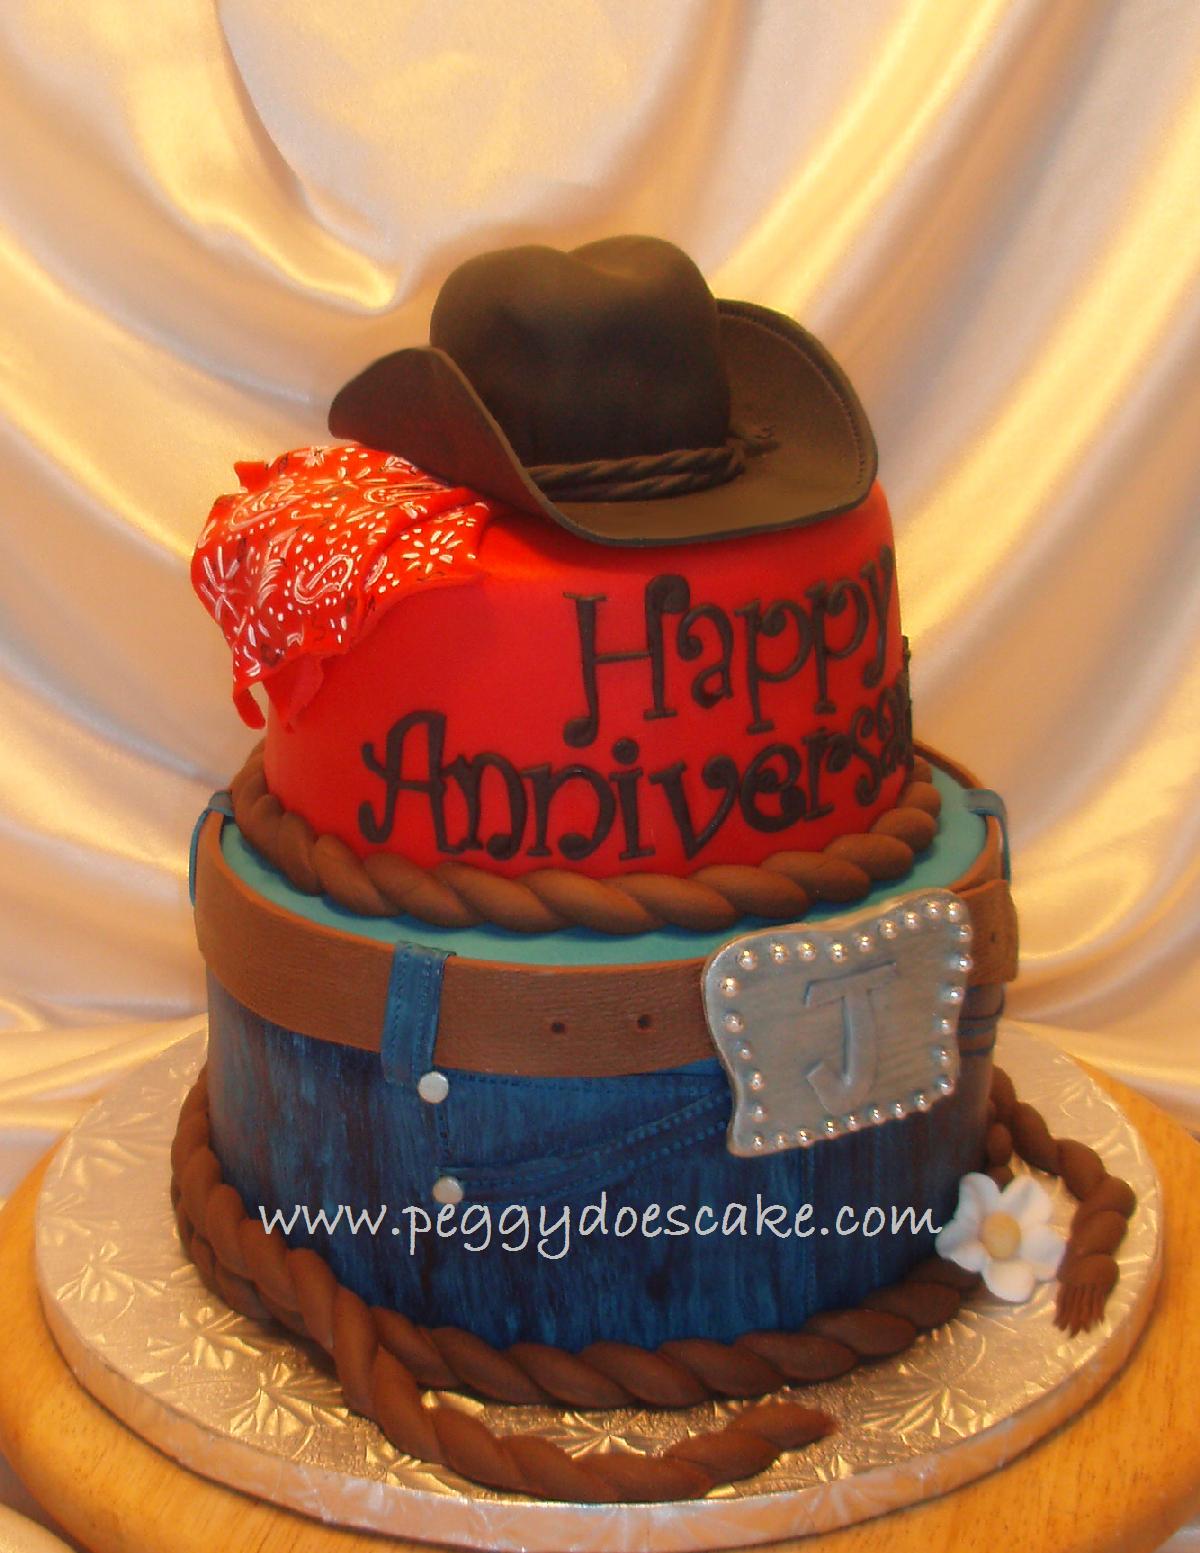 Peggy Does Cake Cake Photos